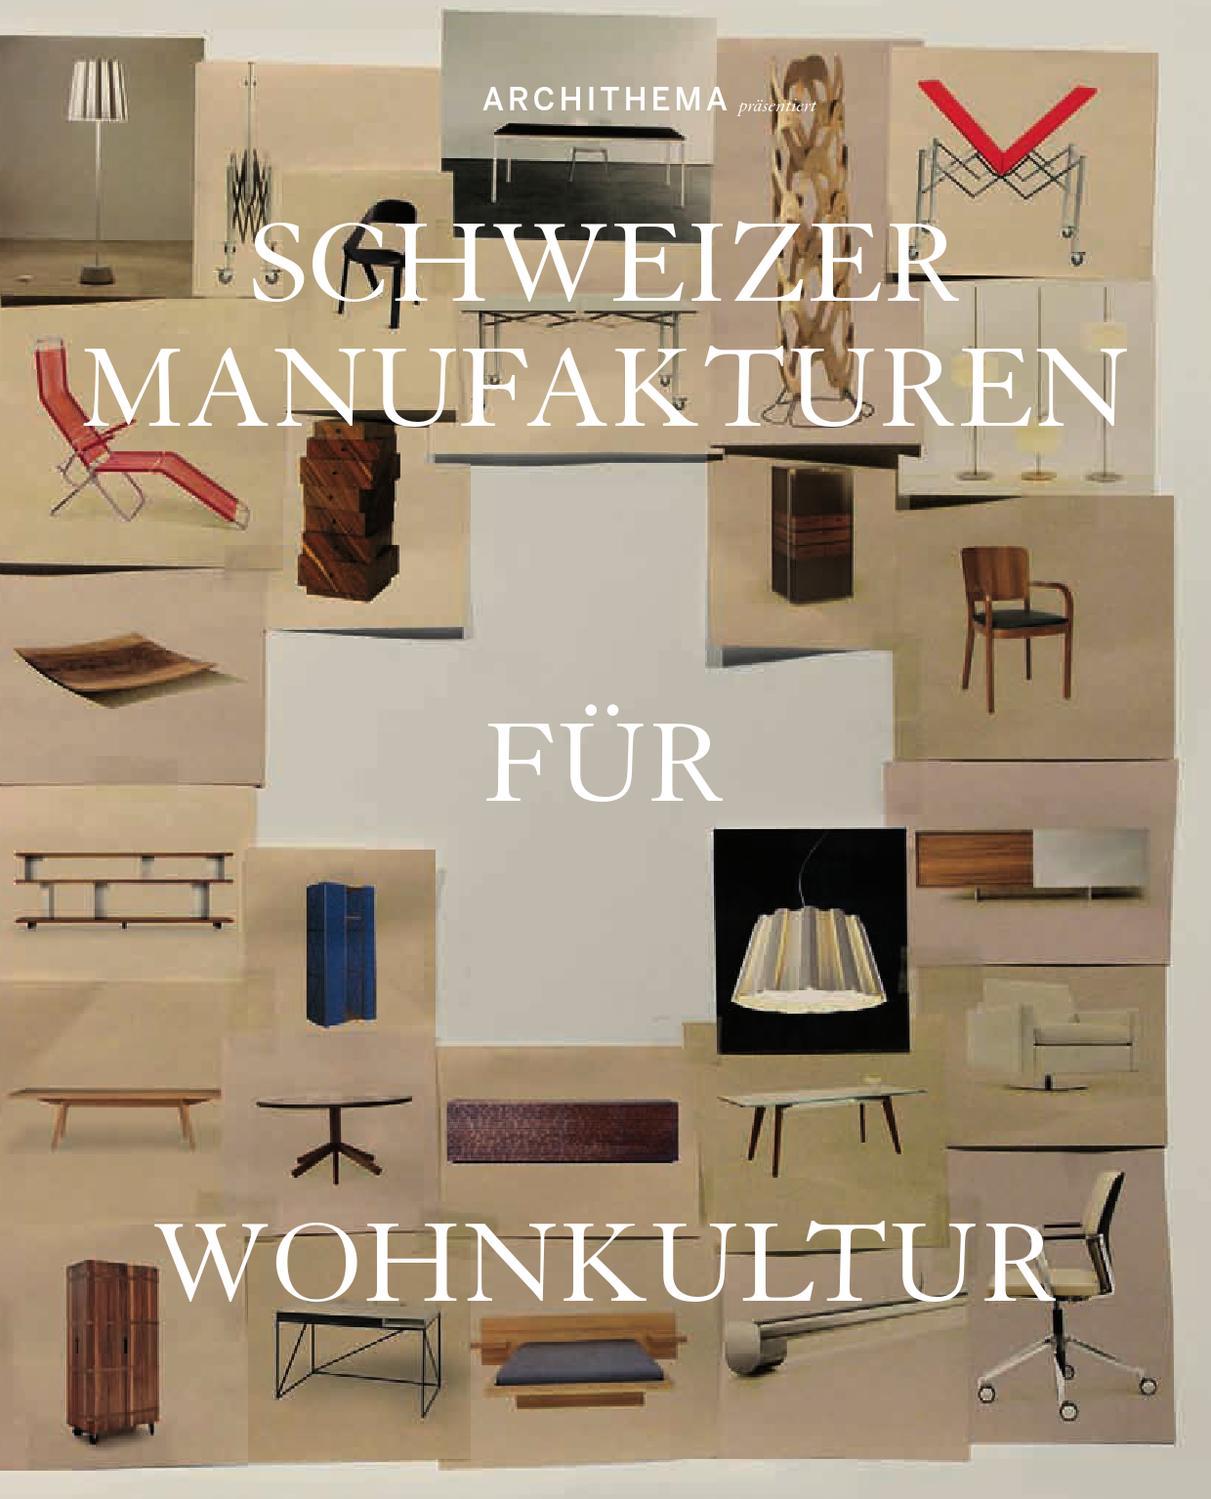 Schweizer Möbelmanufakturen by Archithema - issuu